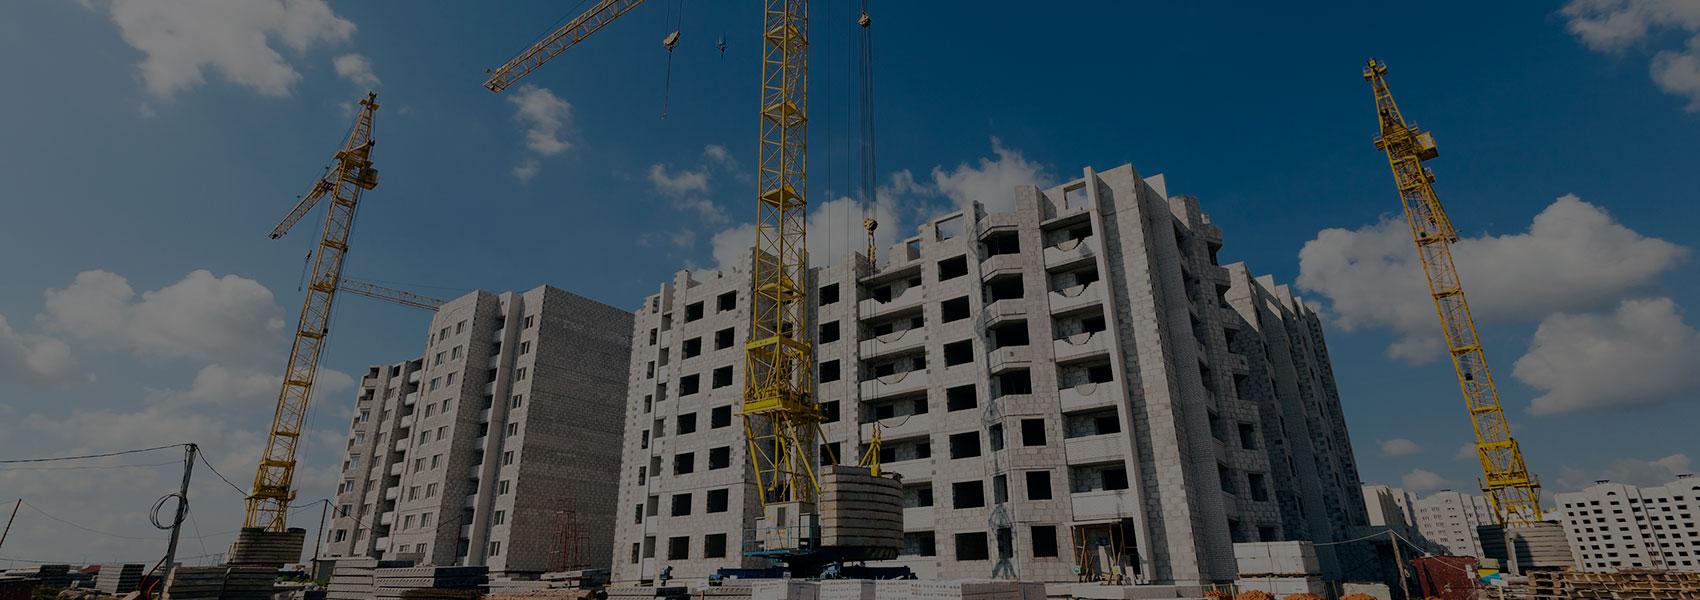 Asesoría Integral a la Construcción - Páez Mora & Asociados